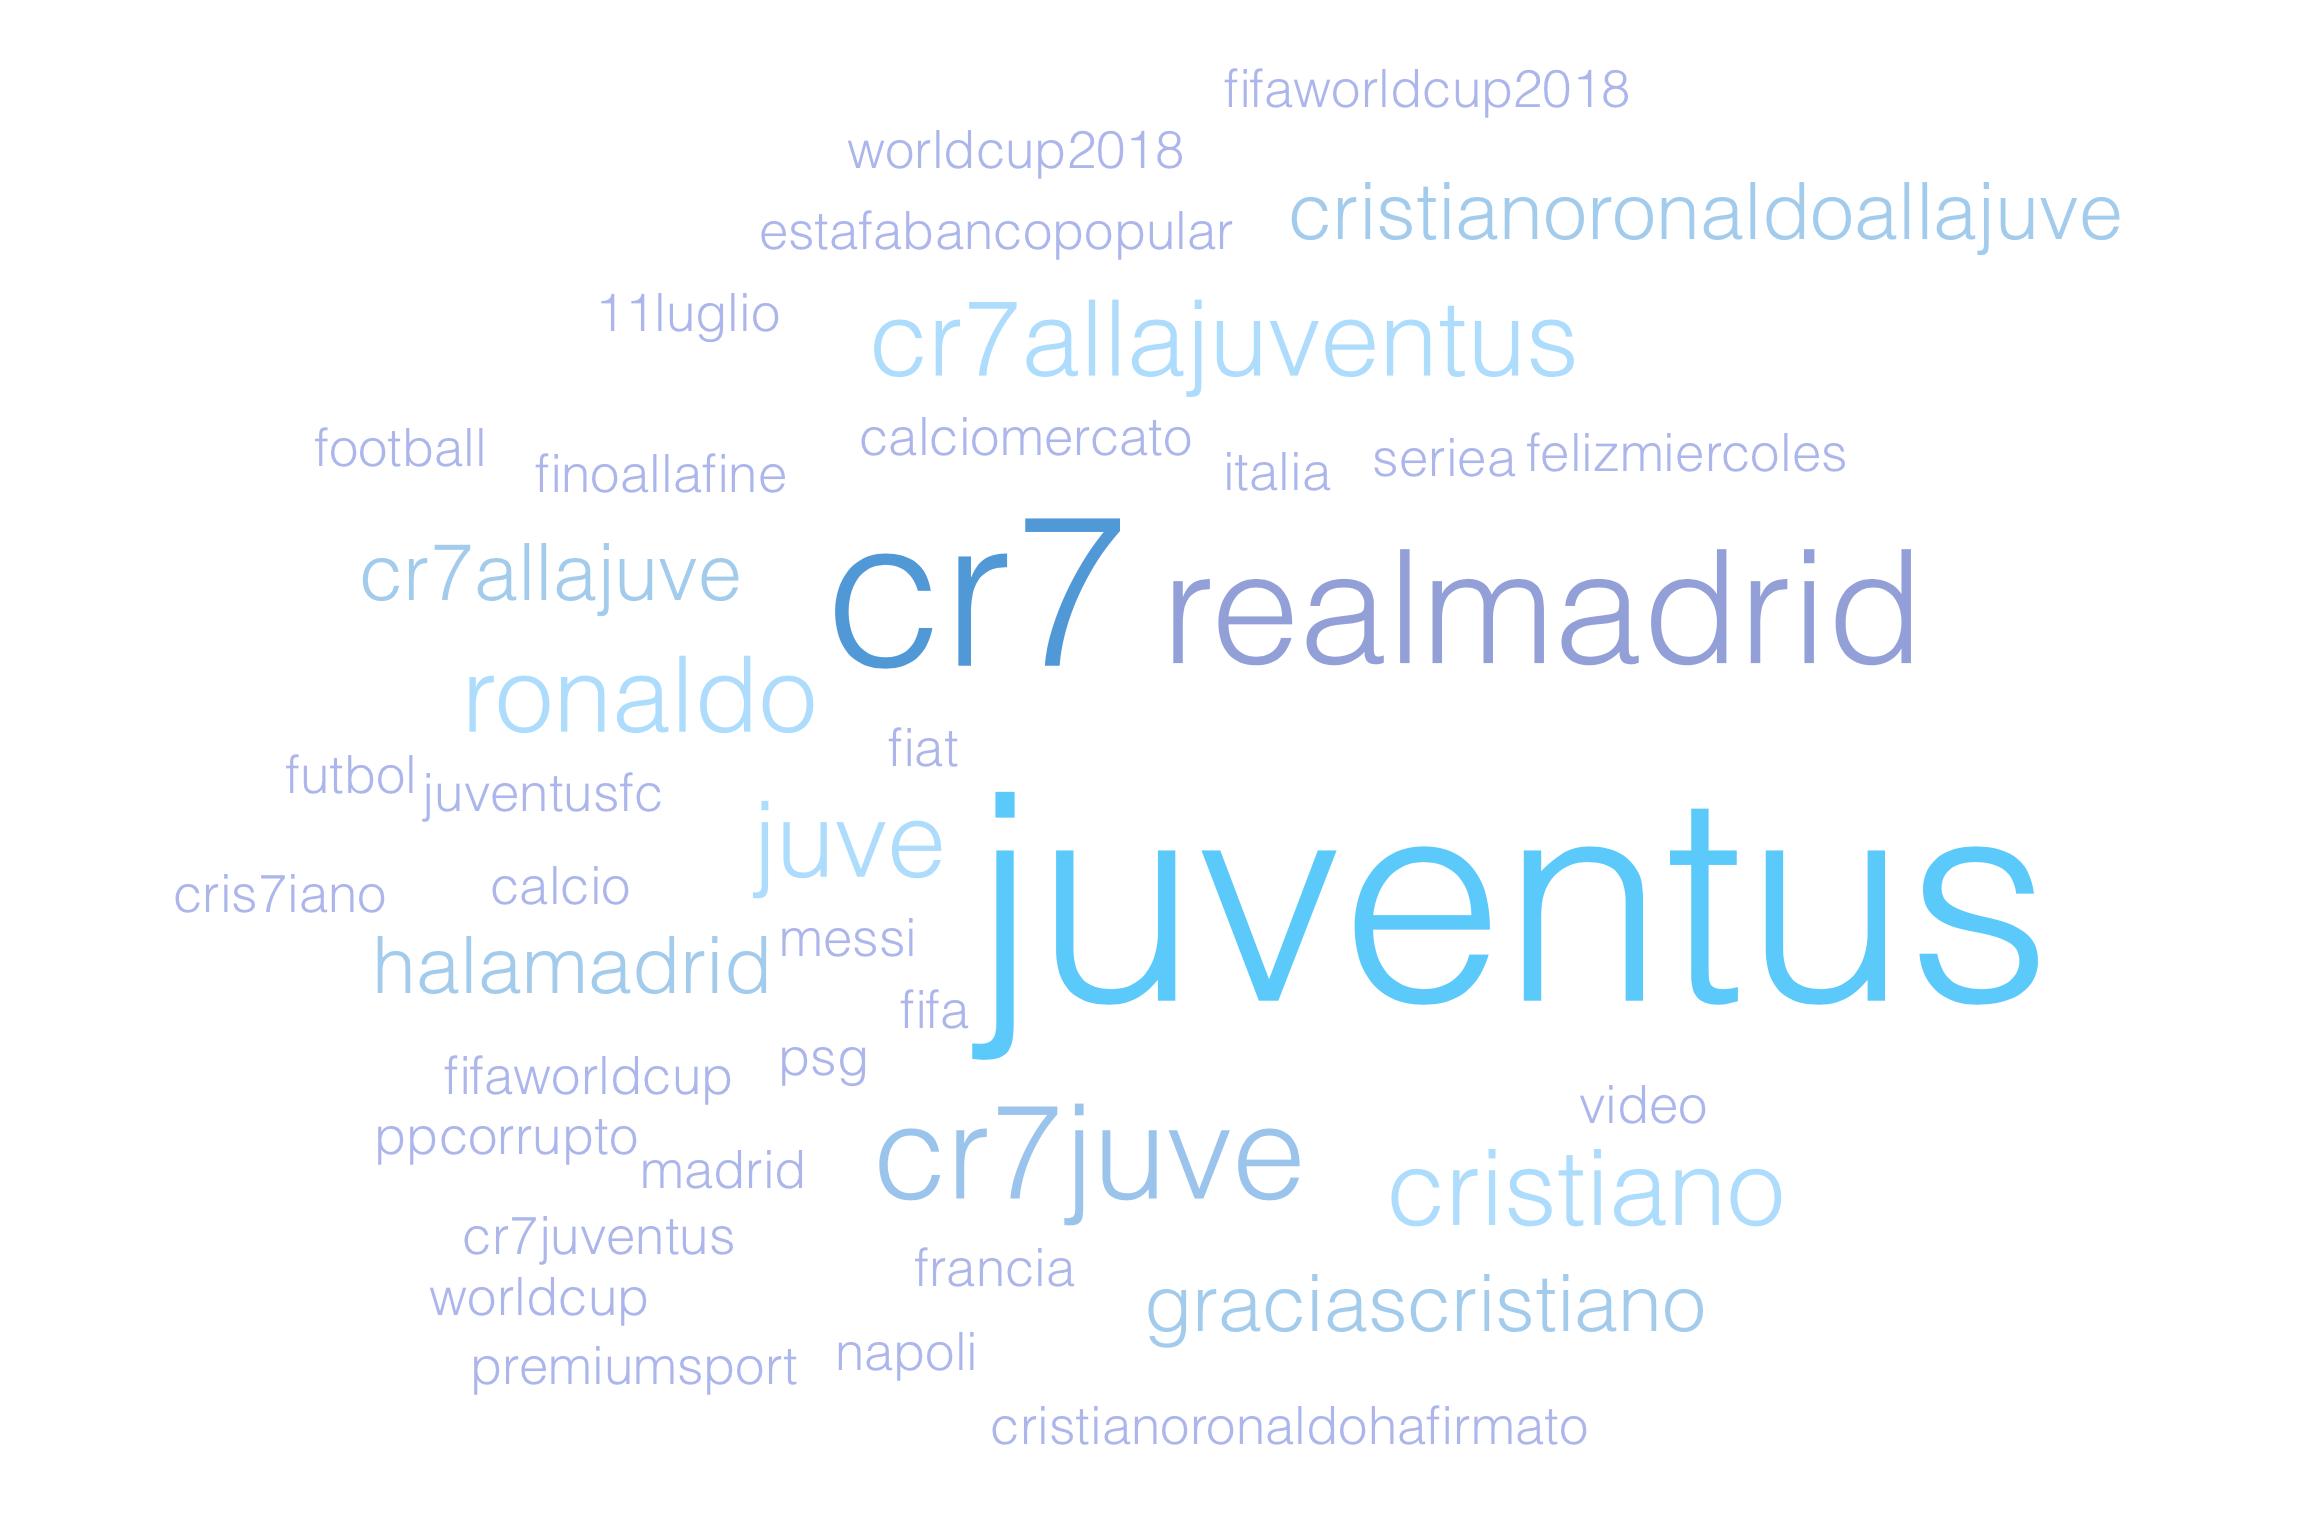 Cristiano Ronaldo, analisi di un trend tra ricerche, hashtag e rialzi in borsa